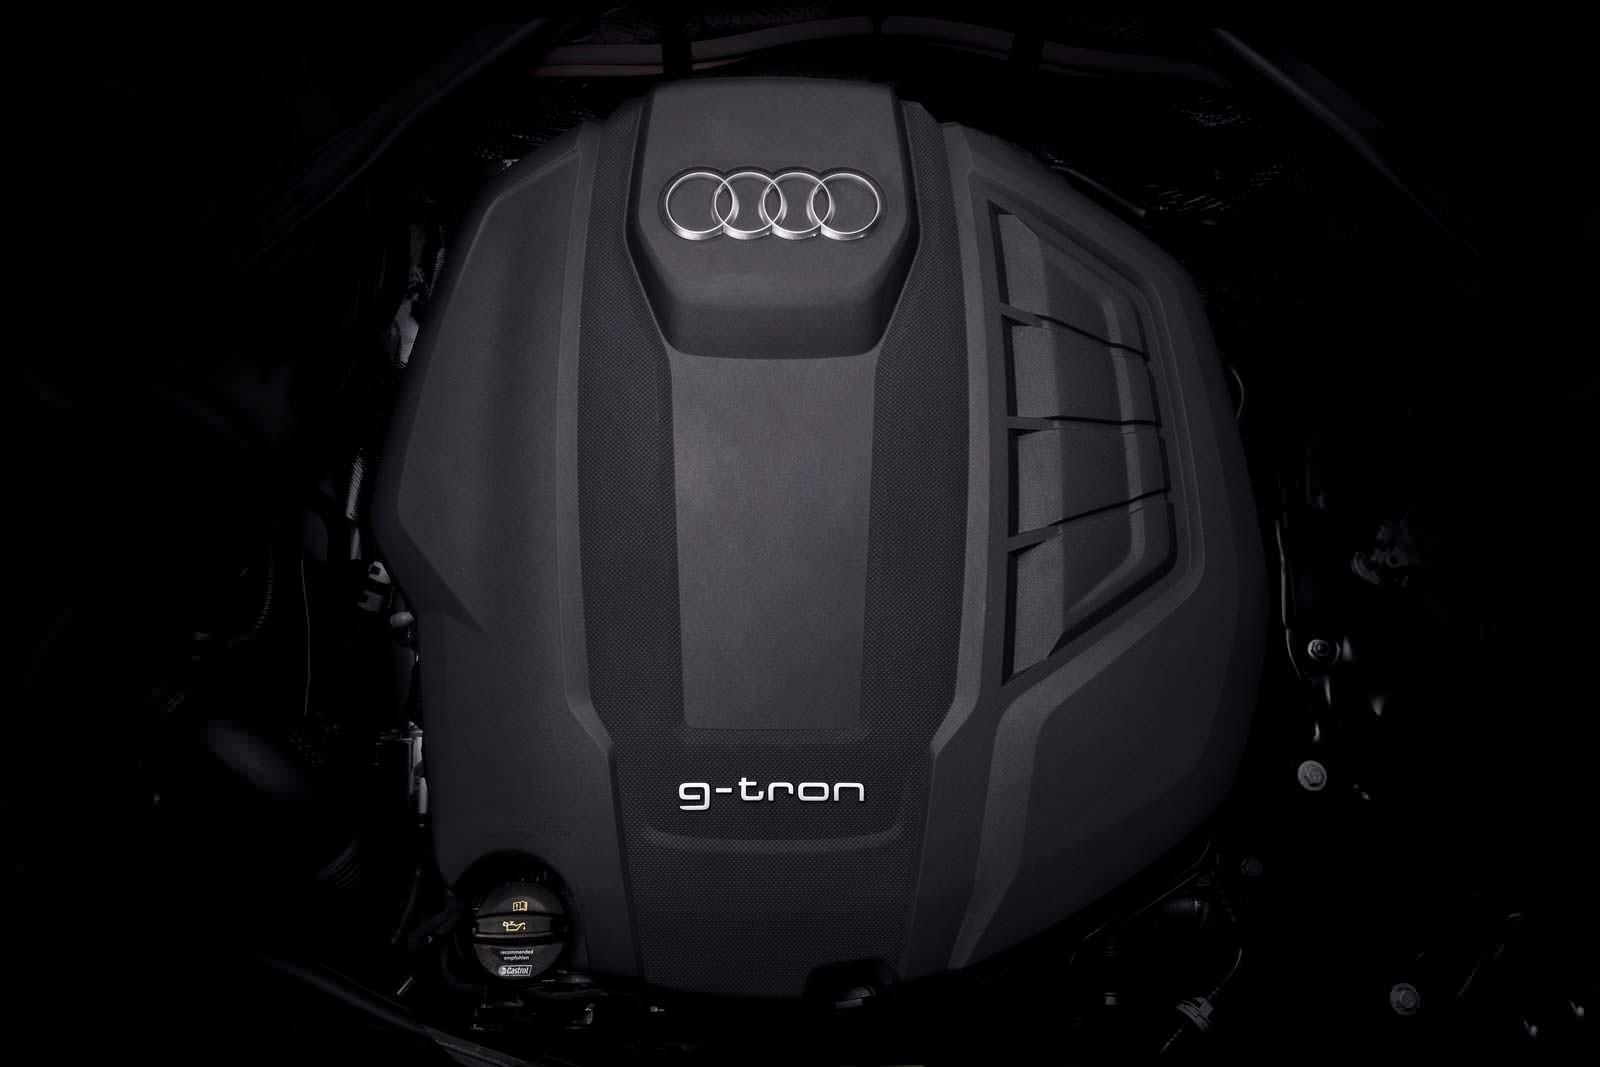 Двигатель 2.0 TFSI на газу под капотом Audi A4 Avant G-Tron